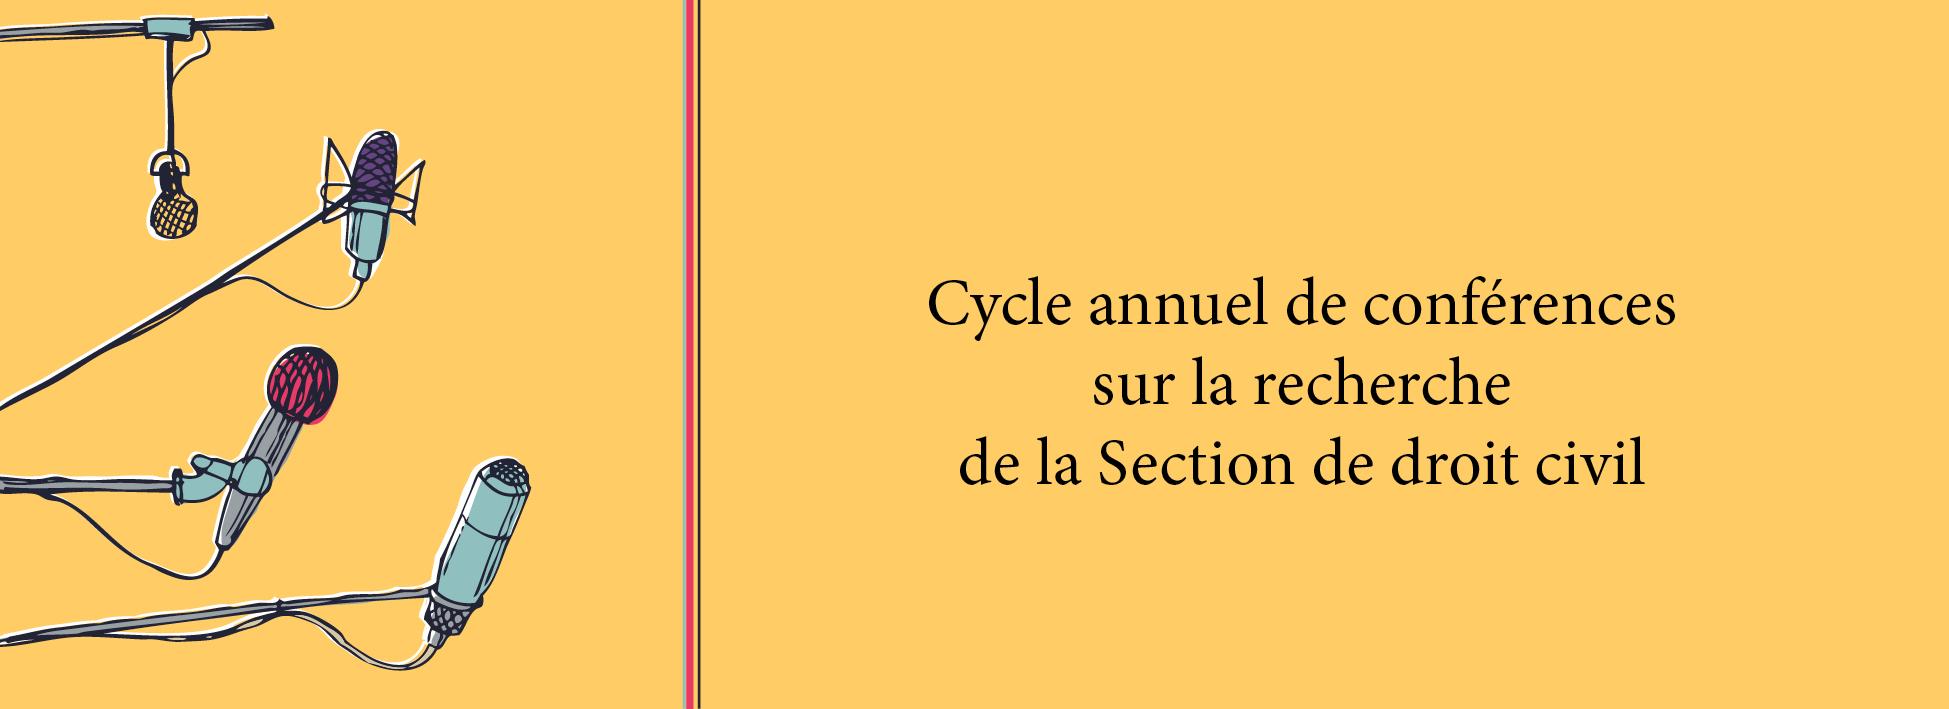 Cycle annuel de conférences sur la recherche